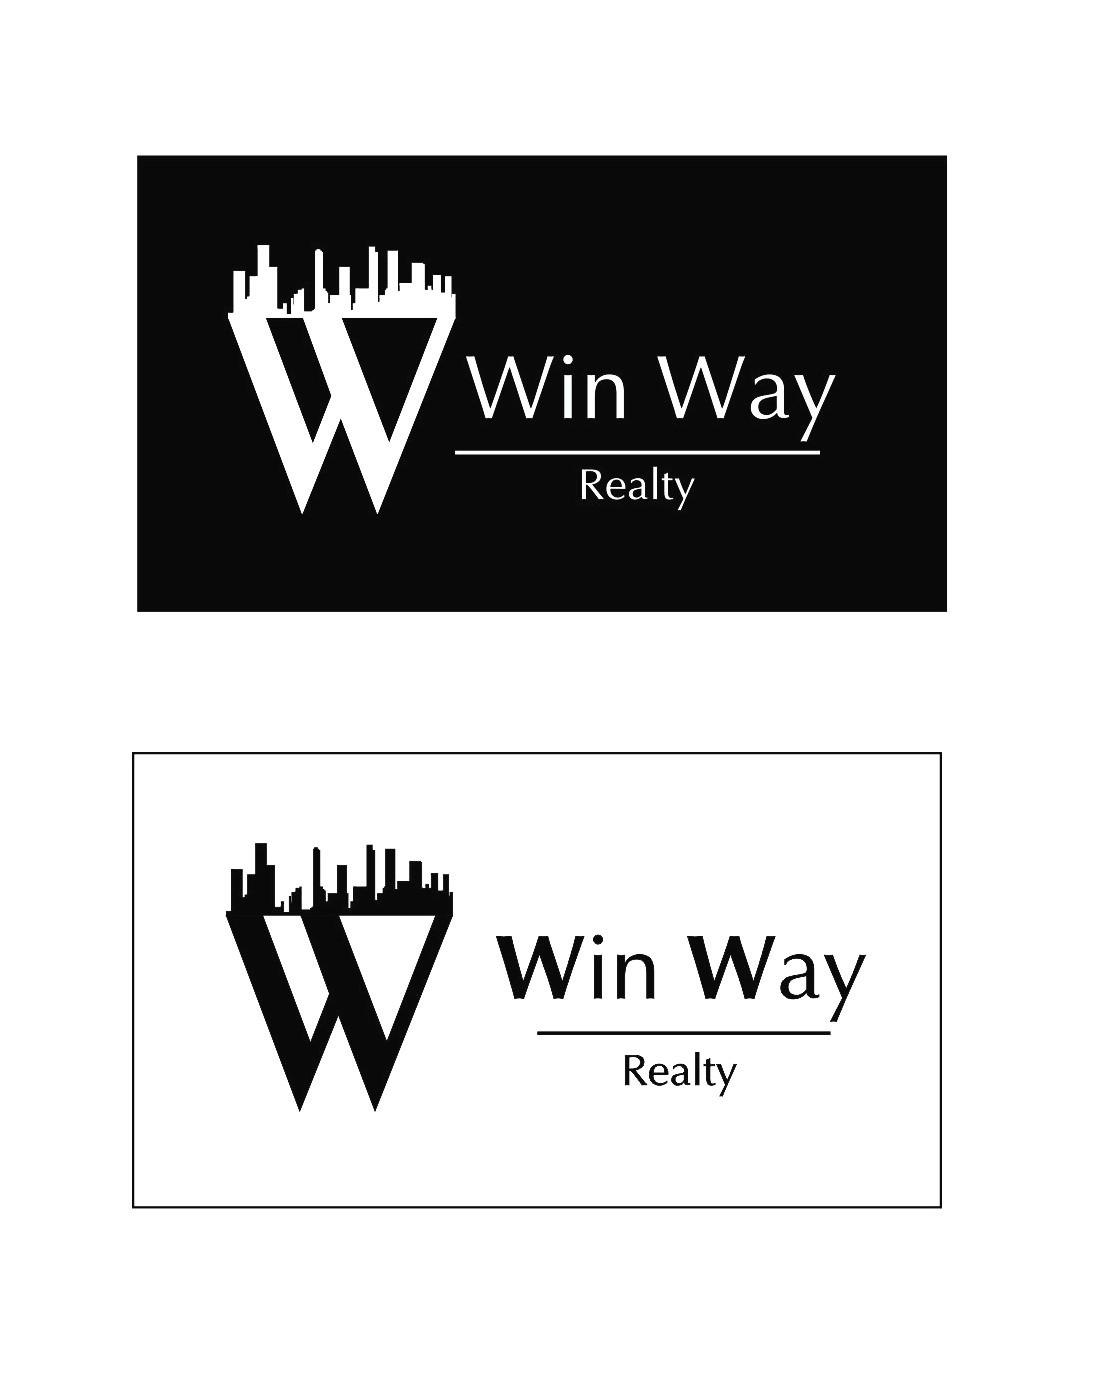 Логотип для агентства недвижимости фото f_9105aa8e8f8e5714.jpg